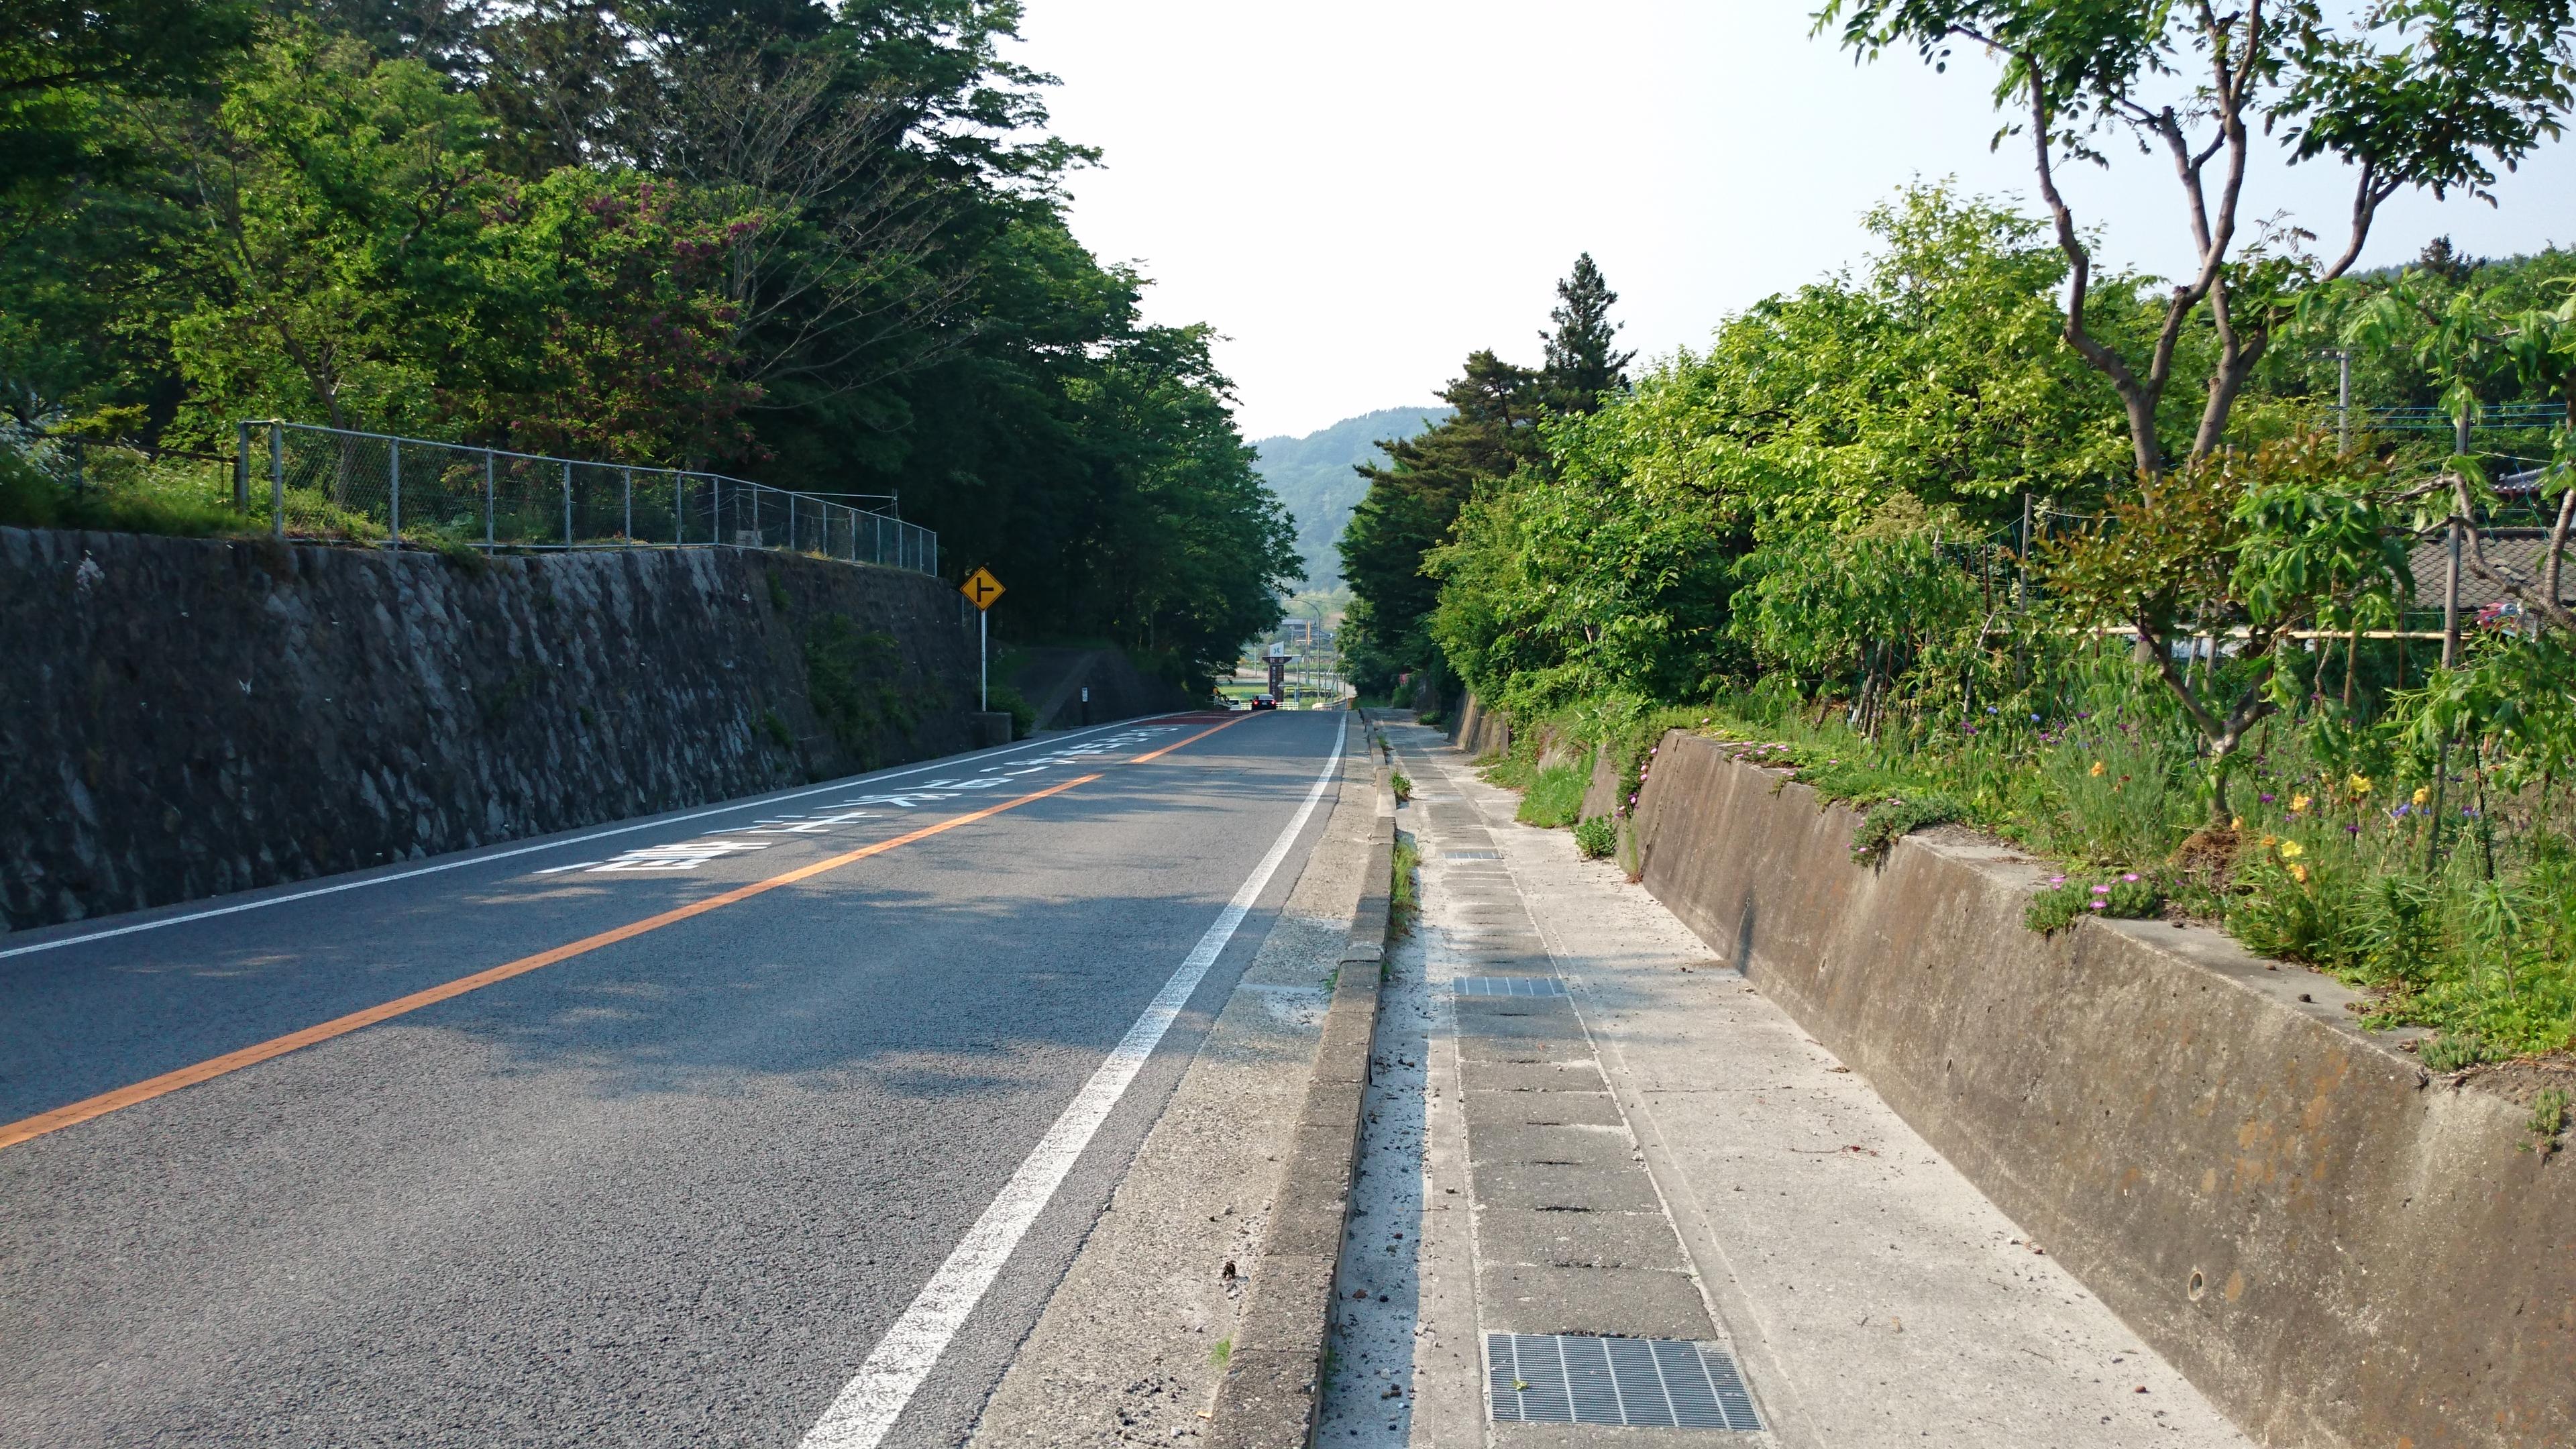 甲州街道と続く上り坂